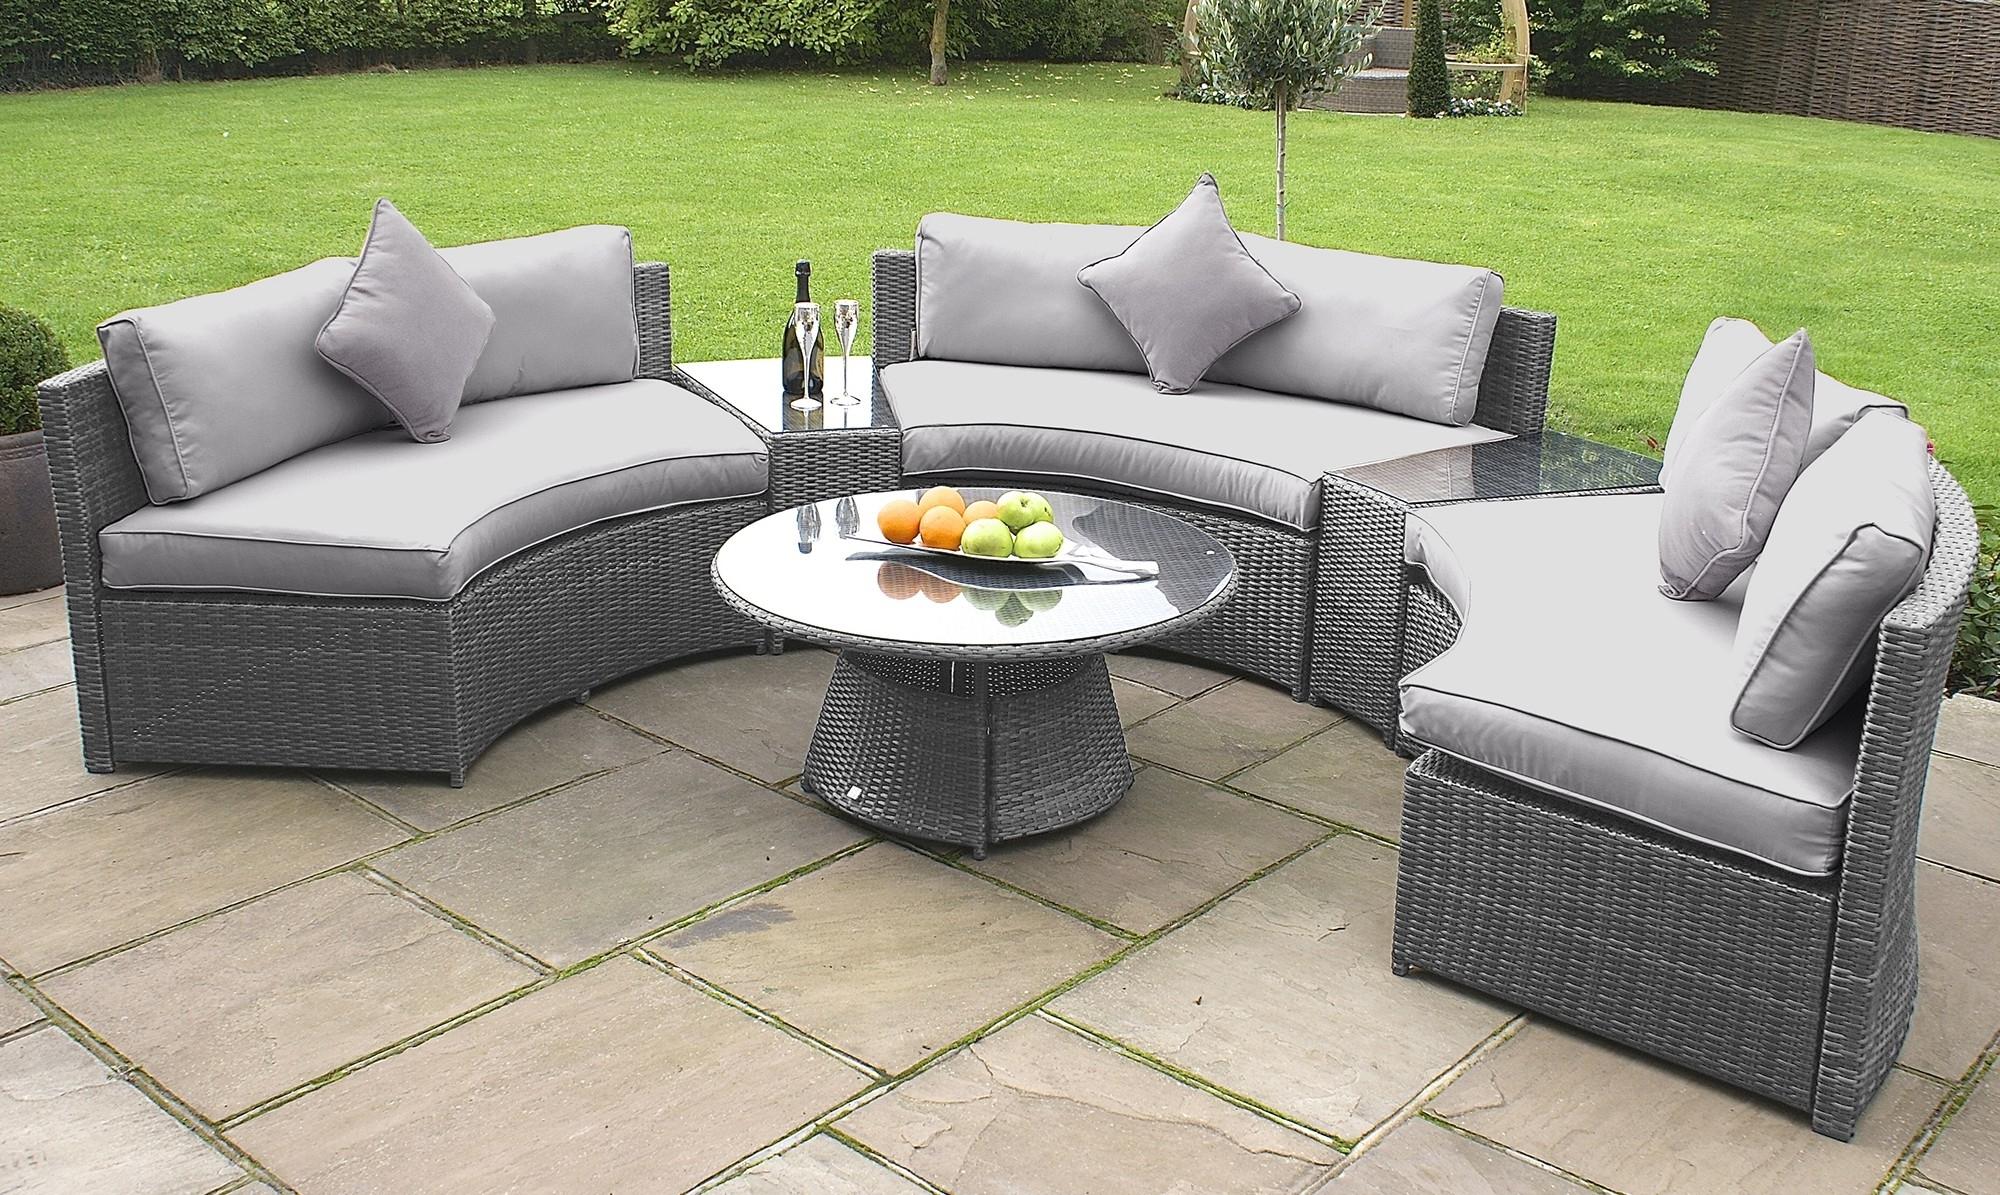 Most Popular Enormous Gray Wicker Outdoor Furniture Attractive Grey Patio Fresh Regarding Gray Patio Conversation Sets (View 3 of 15)